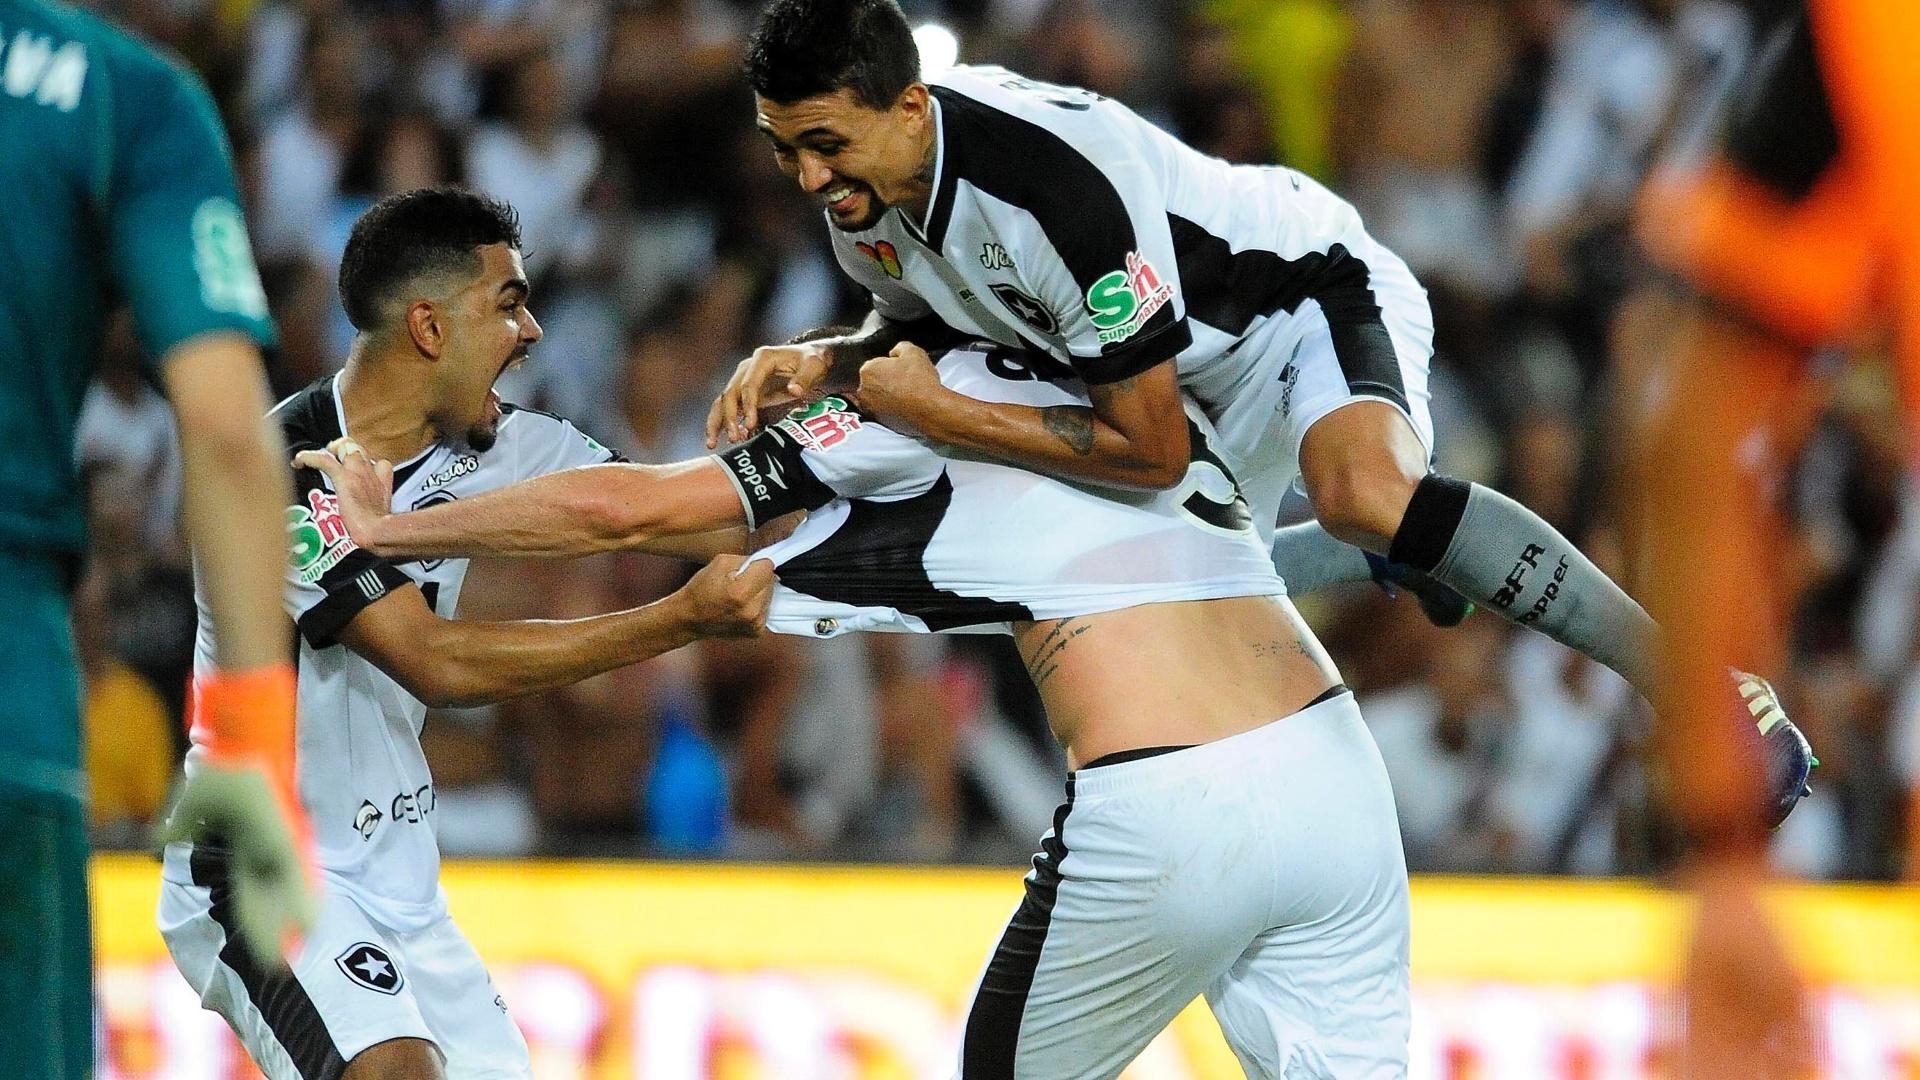 Jogadores do Botafogo comemoram gol de Carli diante do Vasco na decisão do Campeonato Carioca 2018